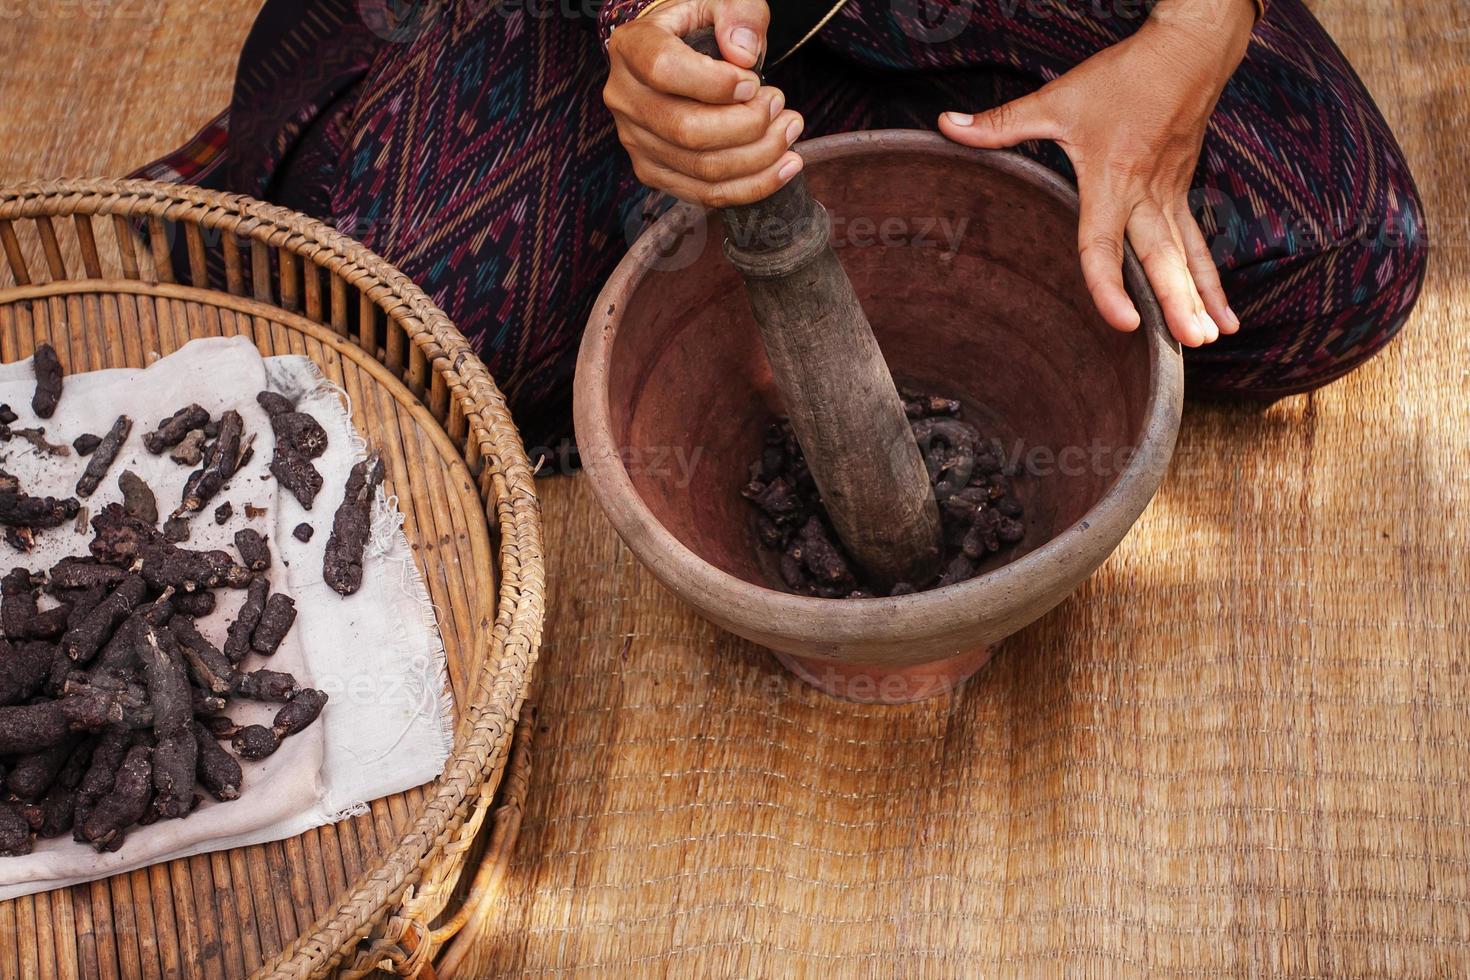 proces van weven, verven, thaisilk foto